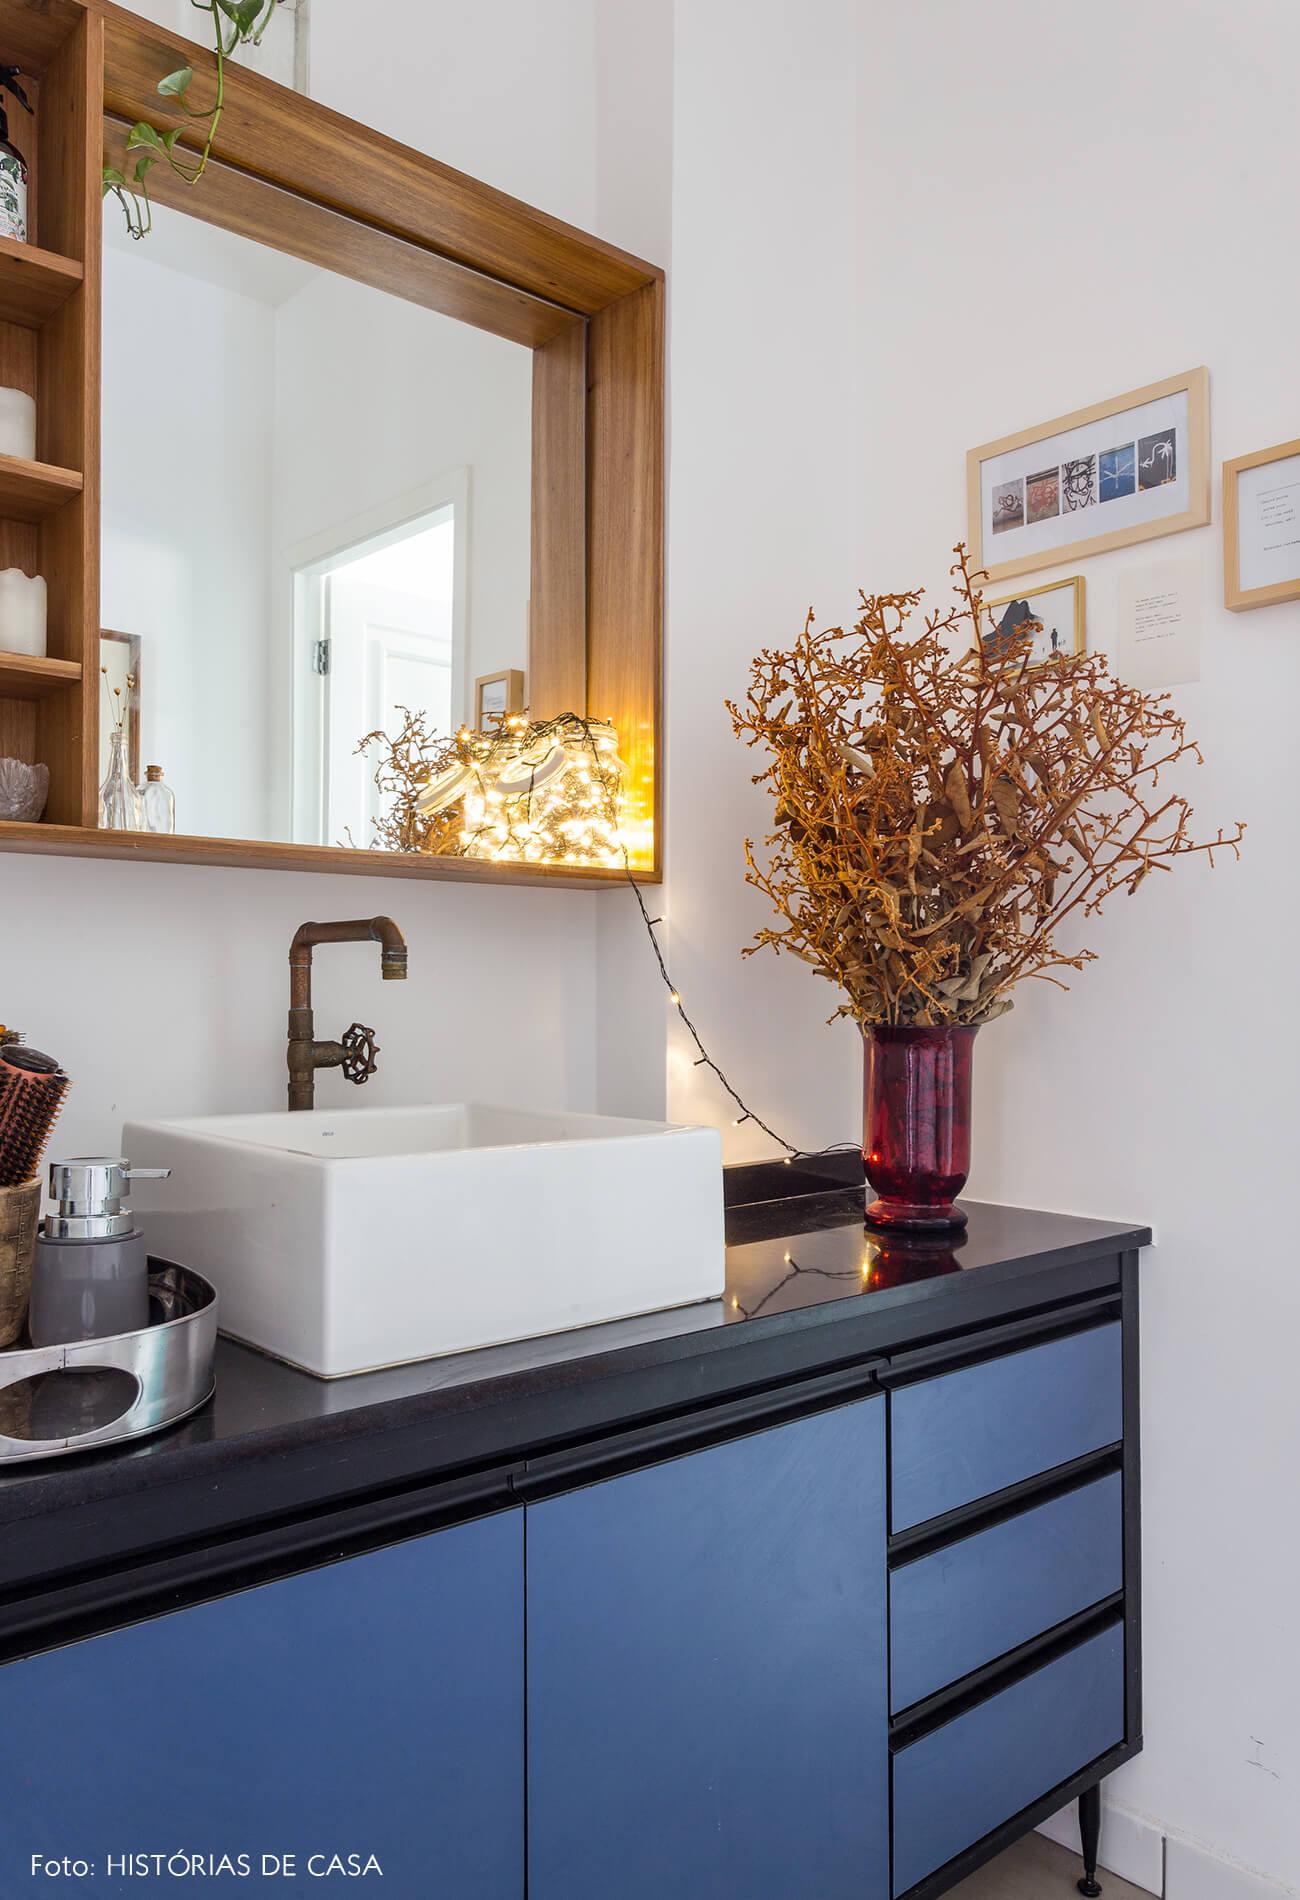 decoração banheiro com armarios azul e luzinhas decorativas